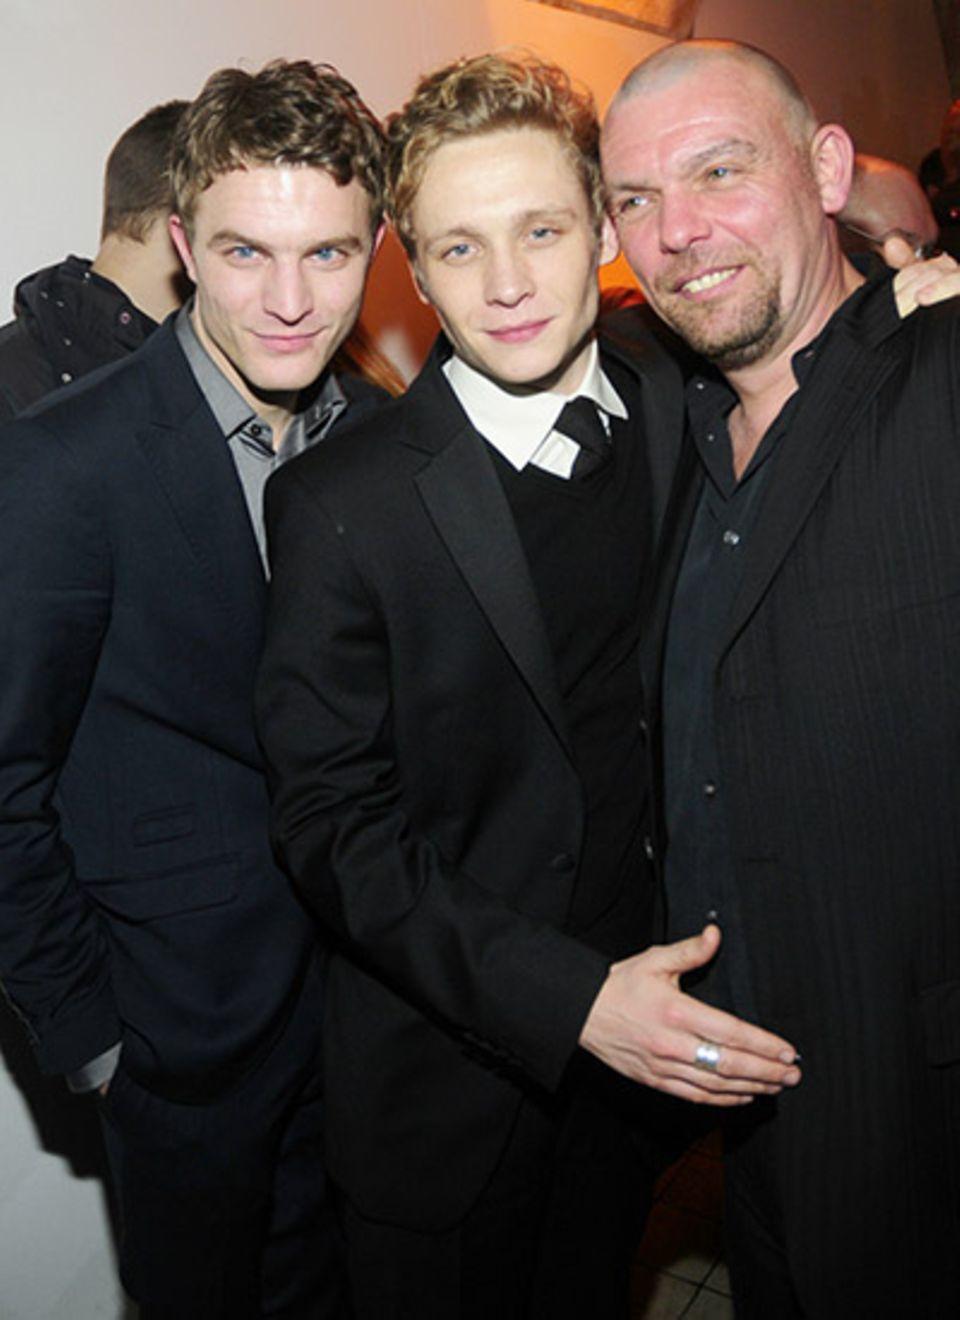 Friedrich Mücke und Matthias Schweighöfer freuen sich mit Produzent Tom Zickler über die gelungene Filmpremiere.